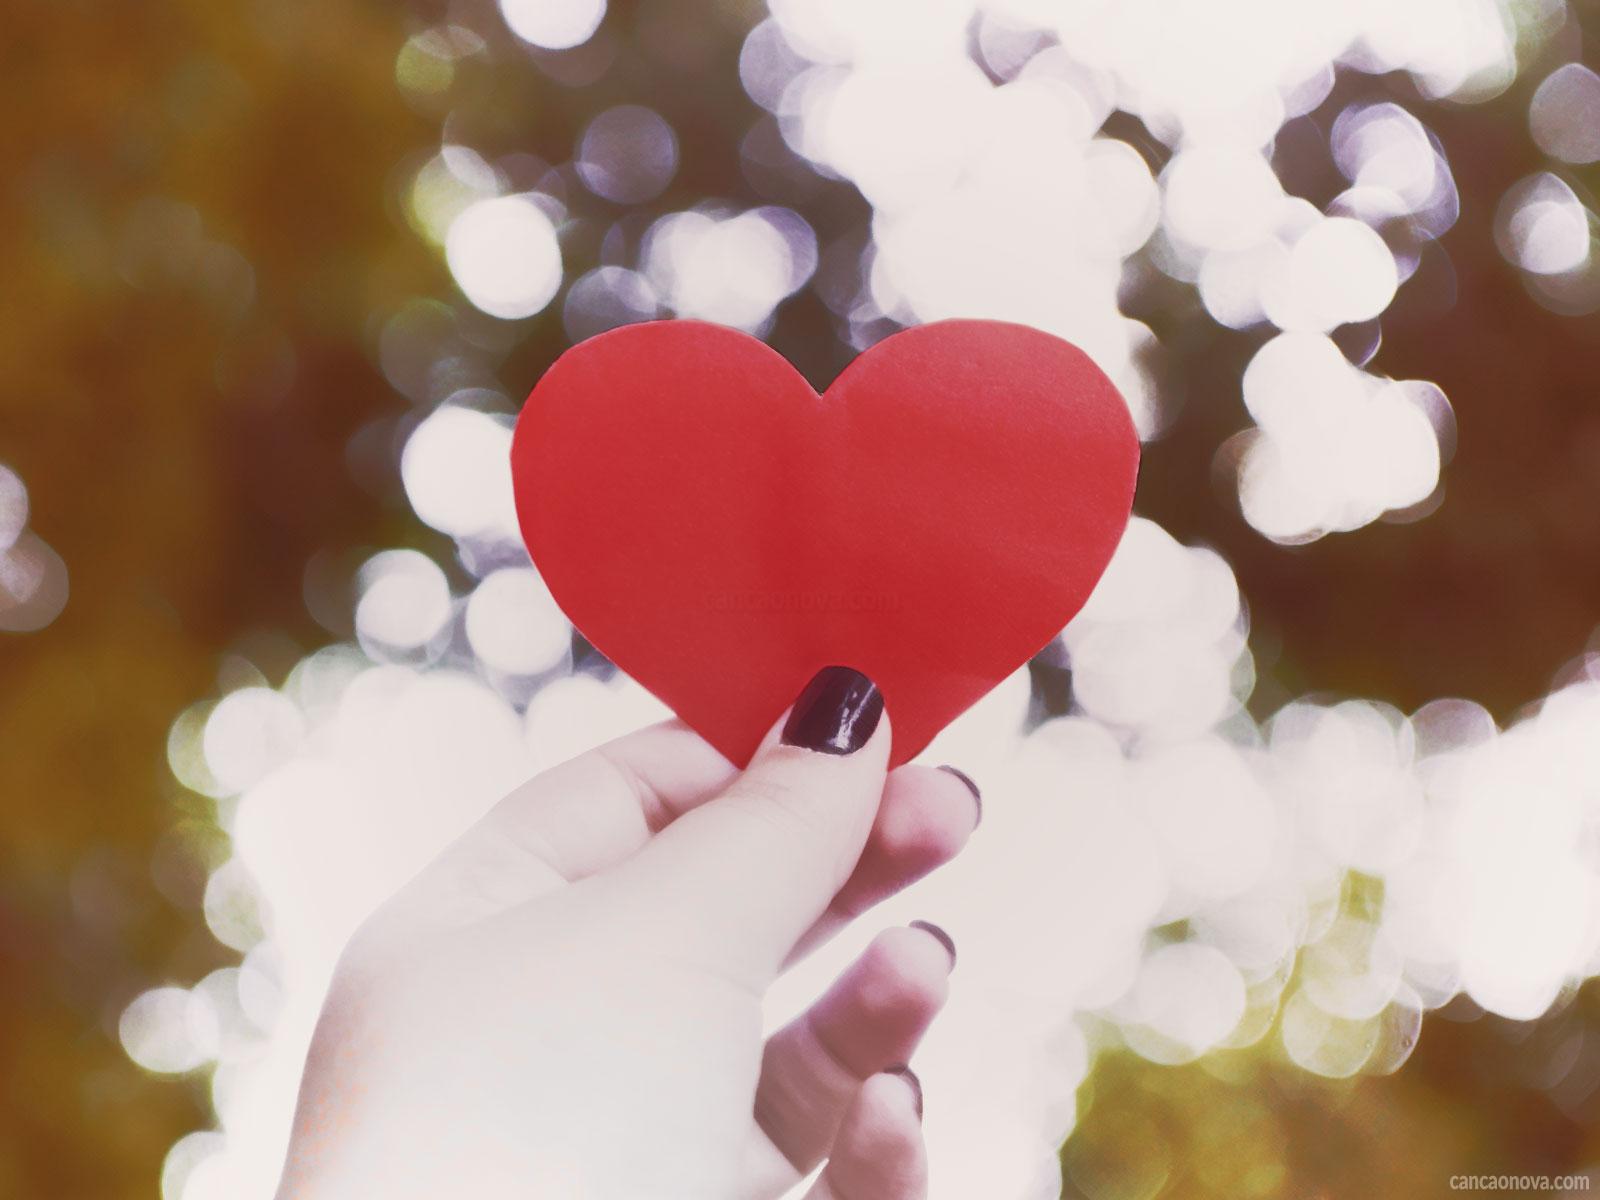 O Amor As Rosas E Os Espinhos Que Fortalecem O Perdão